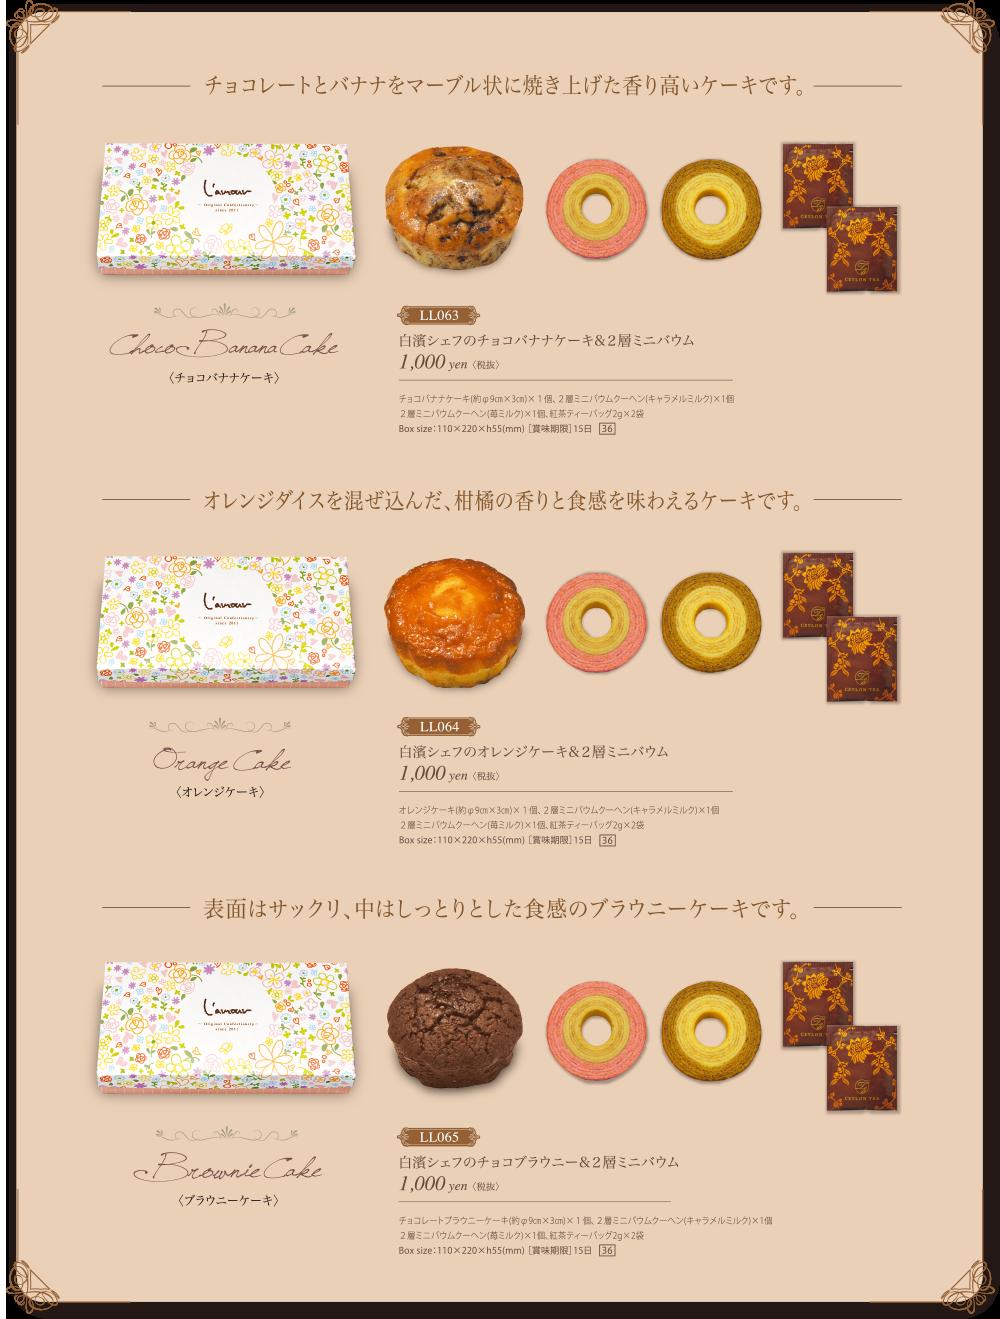 白濱シェフのチョコバナナケーキ&2層ミニバウム画像リスト